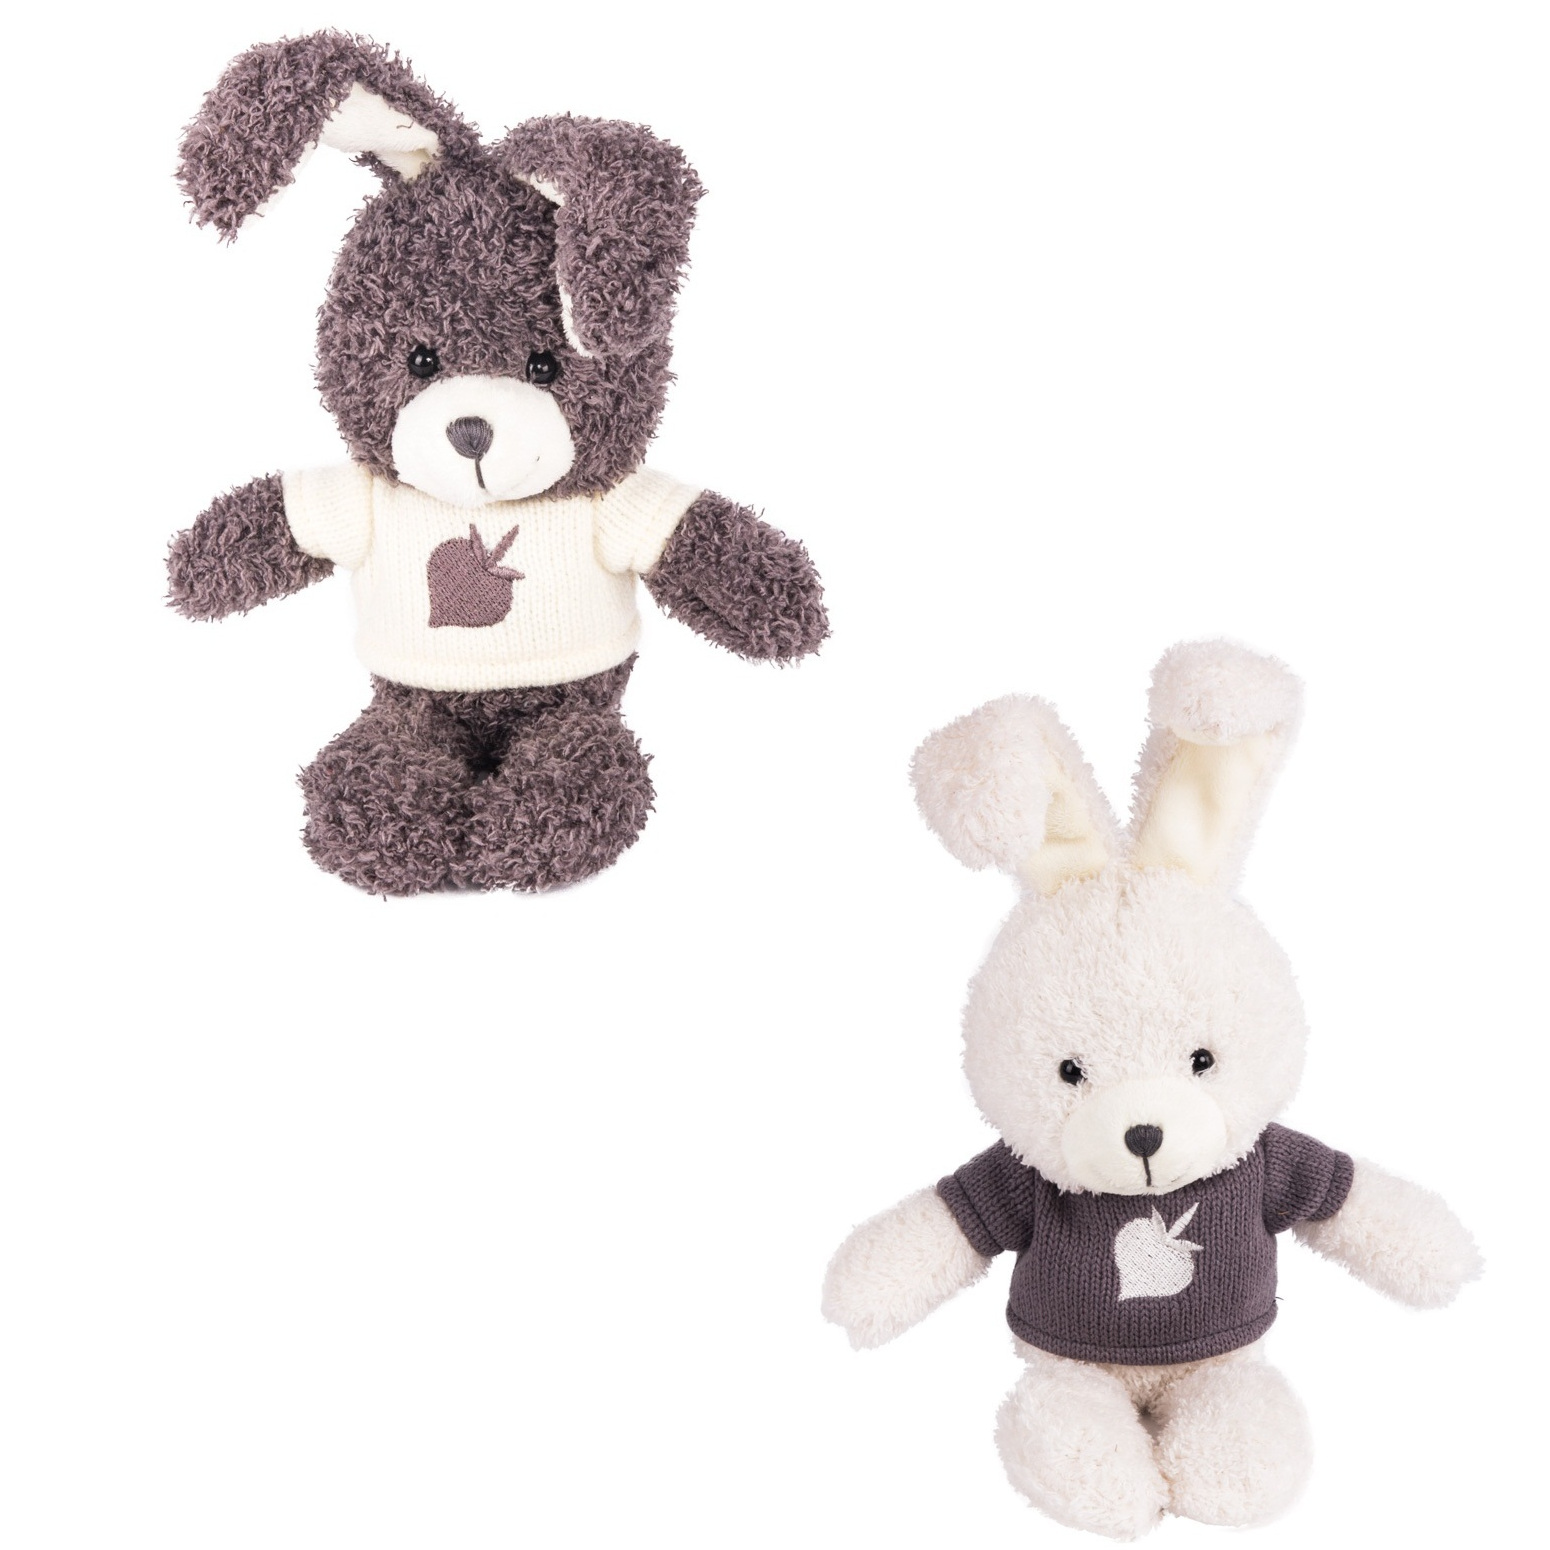 Мягкая игрушка  Зайчик Билли, белый/серый, 25 см - Зайцы и кролики, артикул: 172253